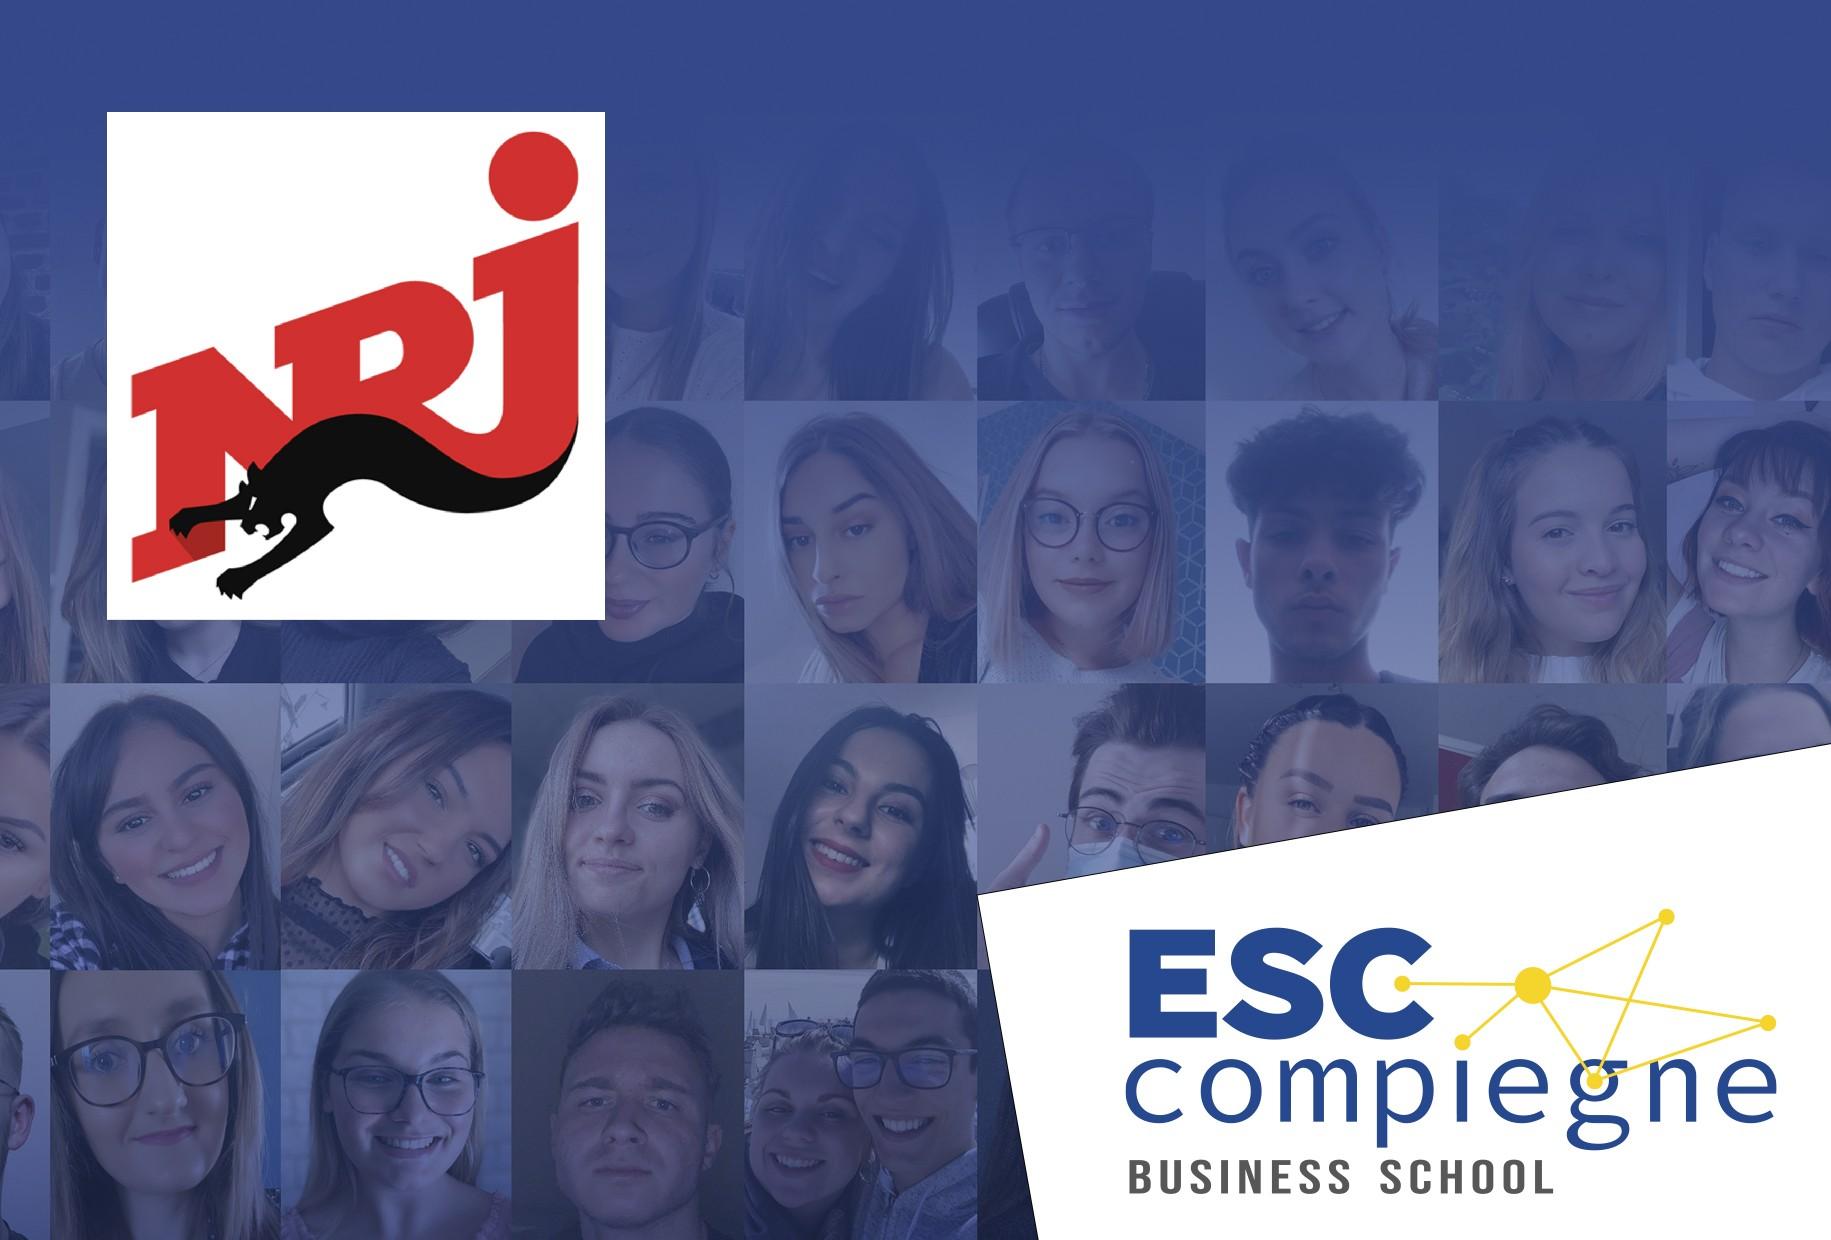 ESCC-NRJ-Miniature